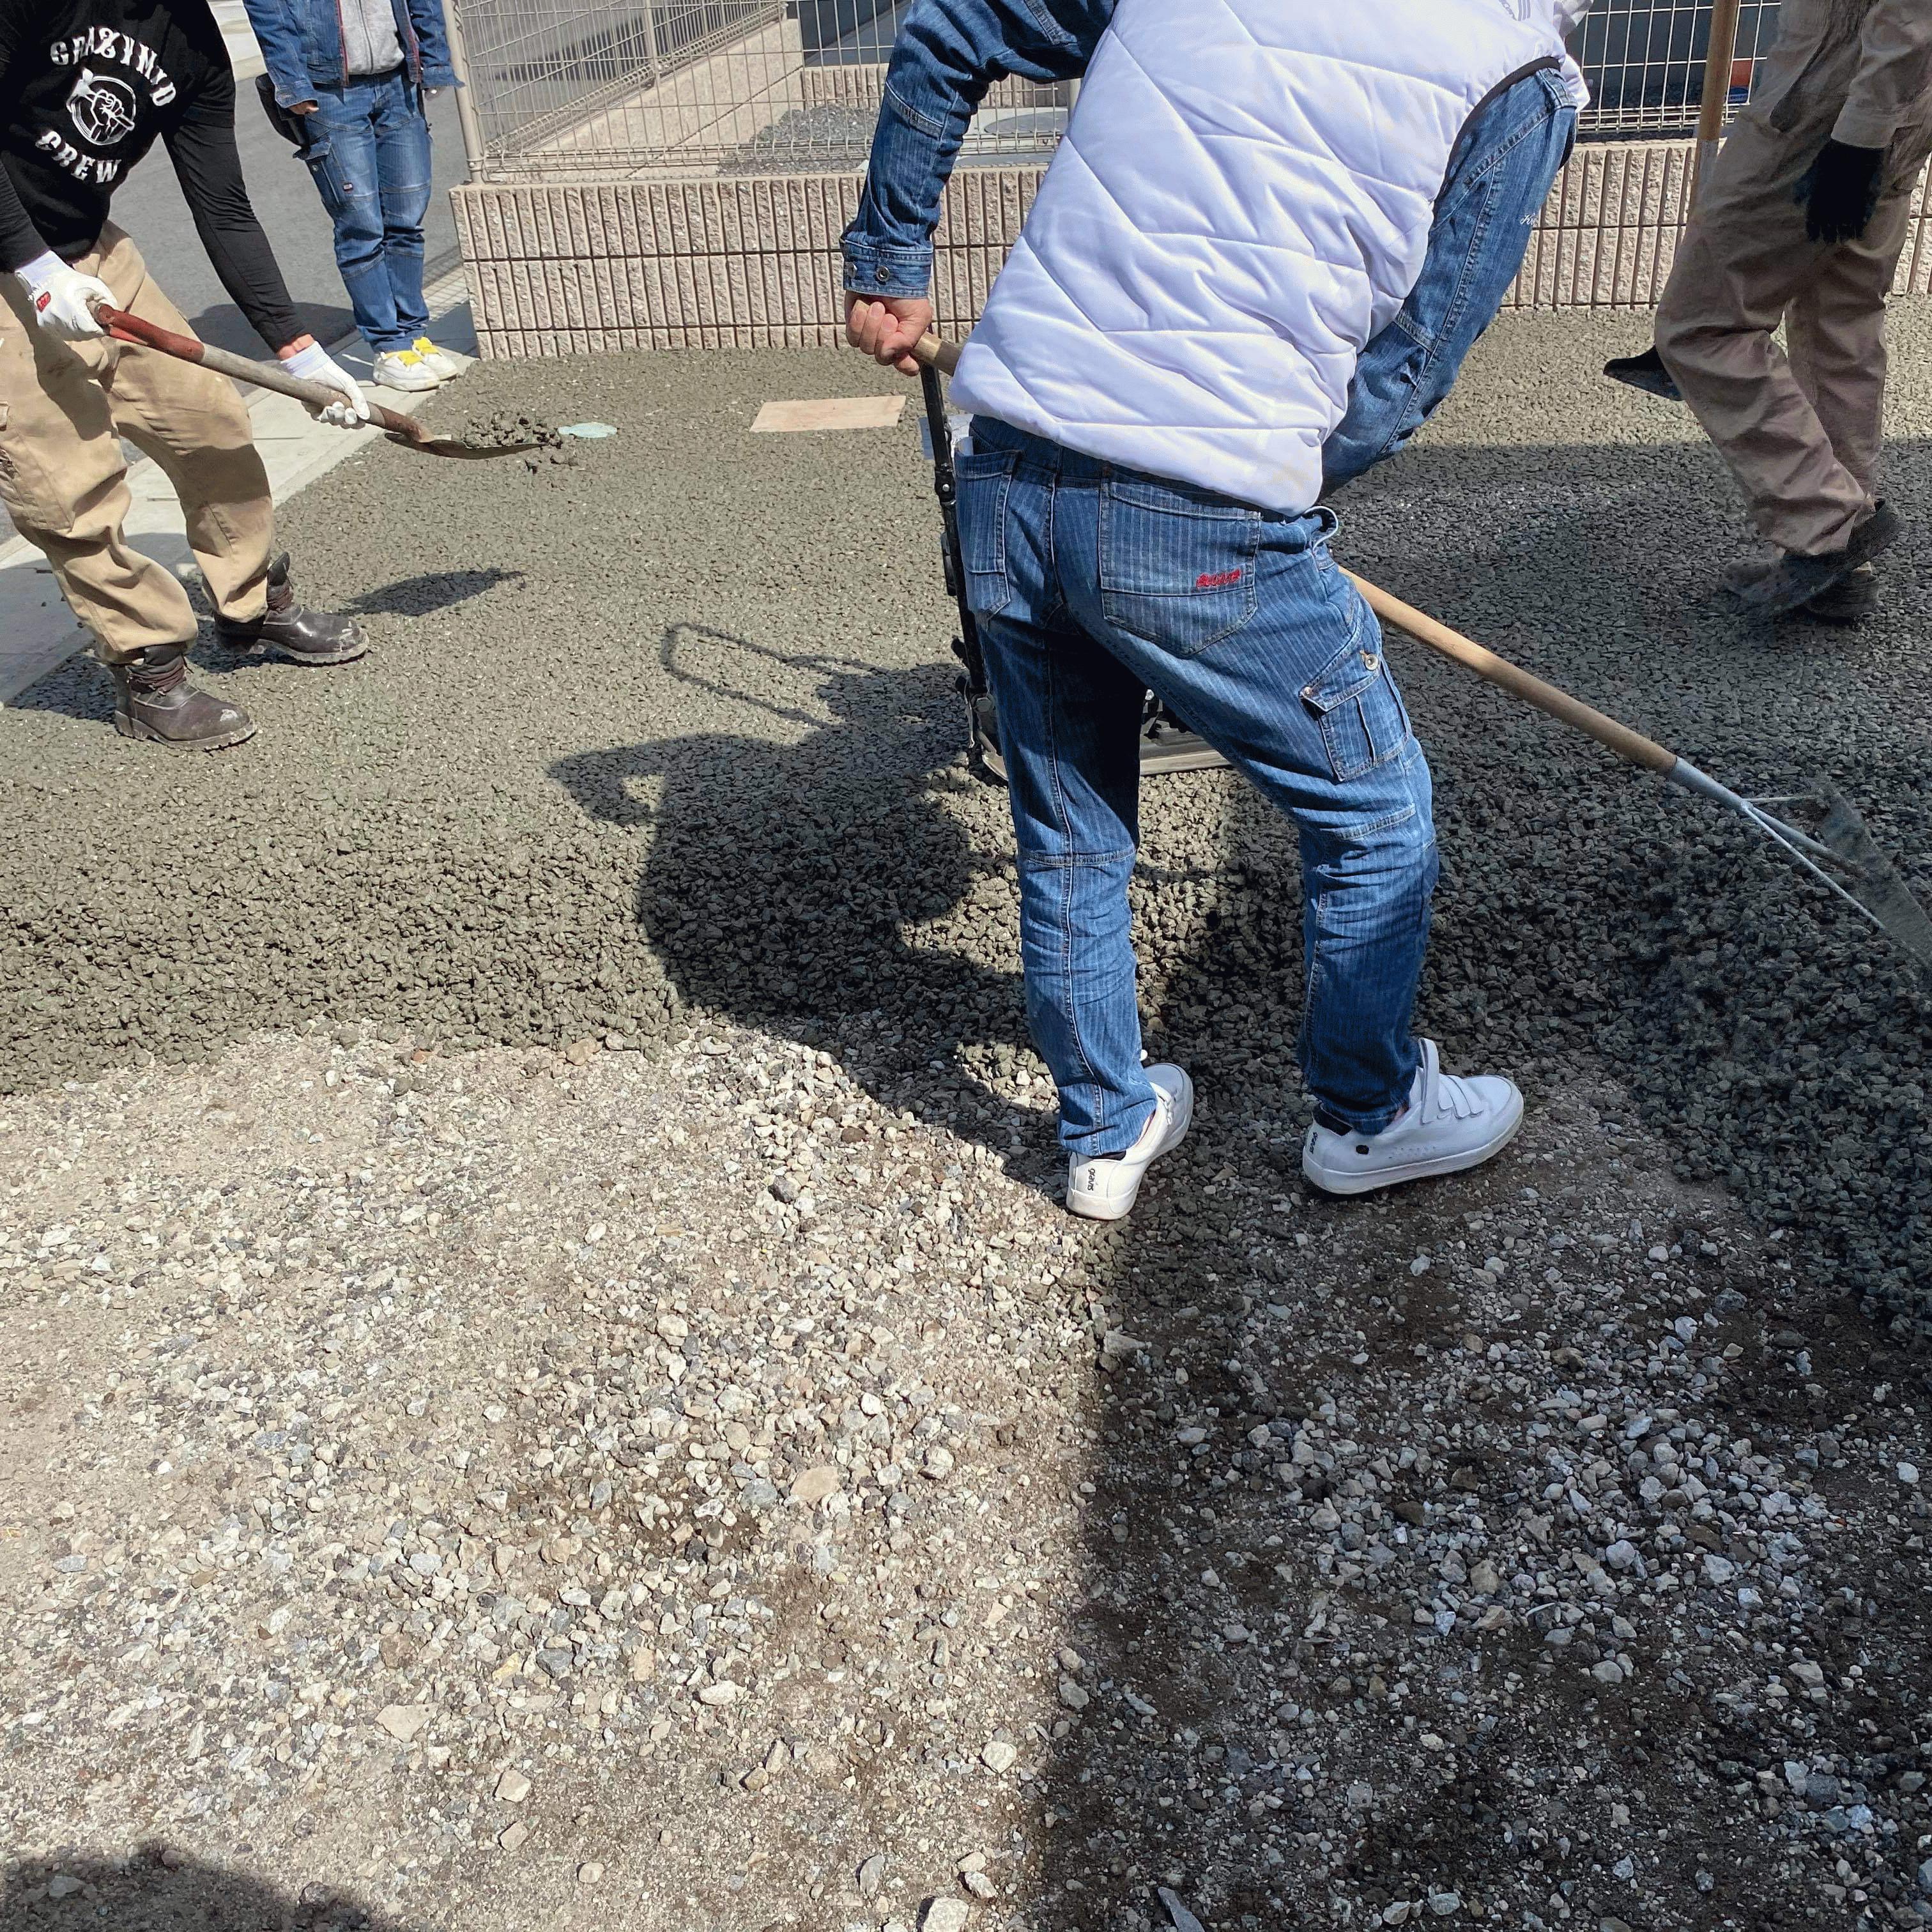 【熊本】「免許センターまでバックホーの資格を取りに行った」高野組・DIY